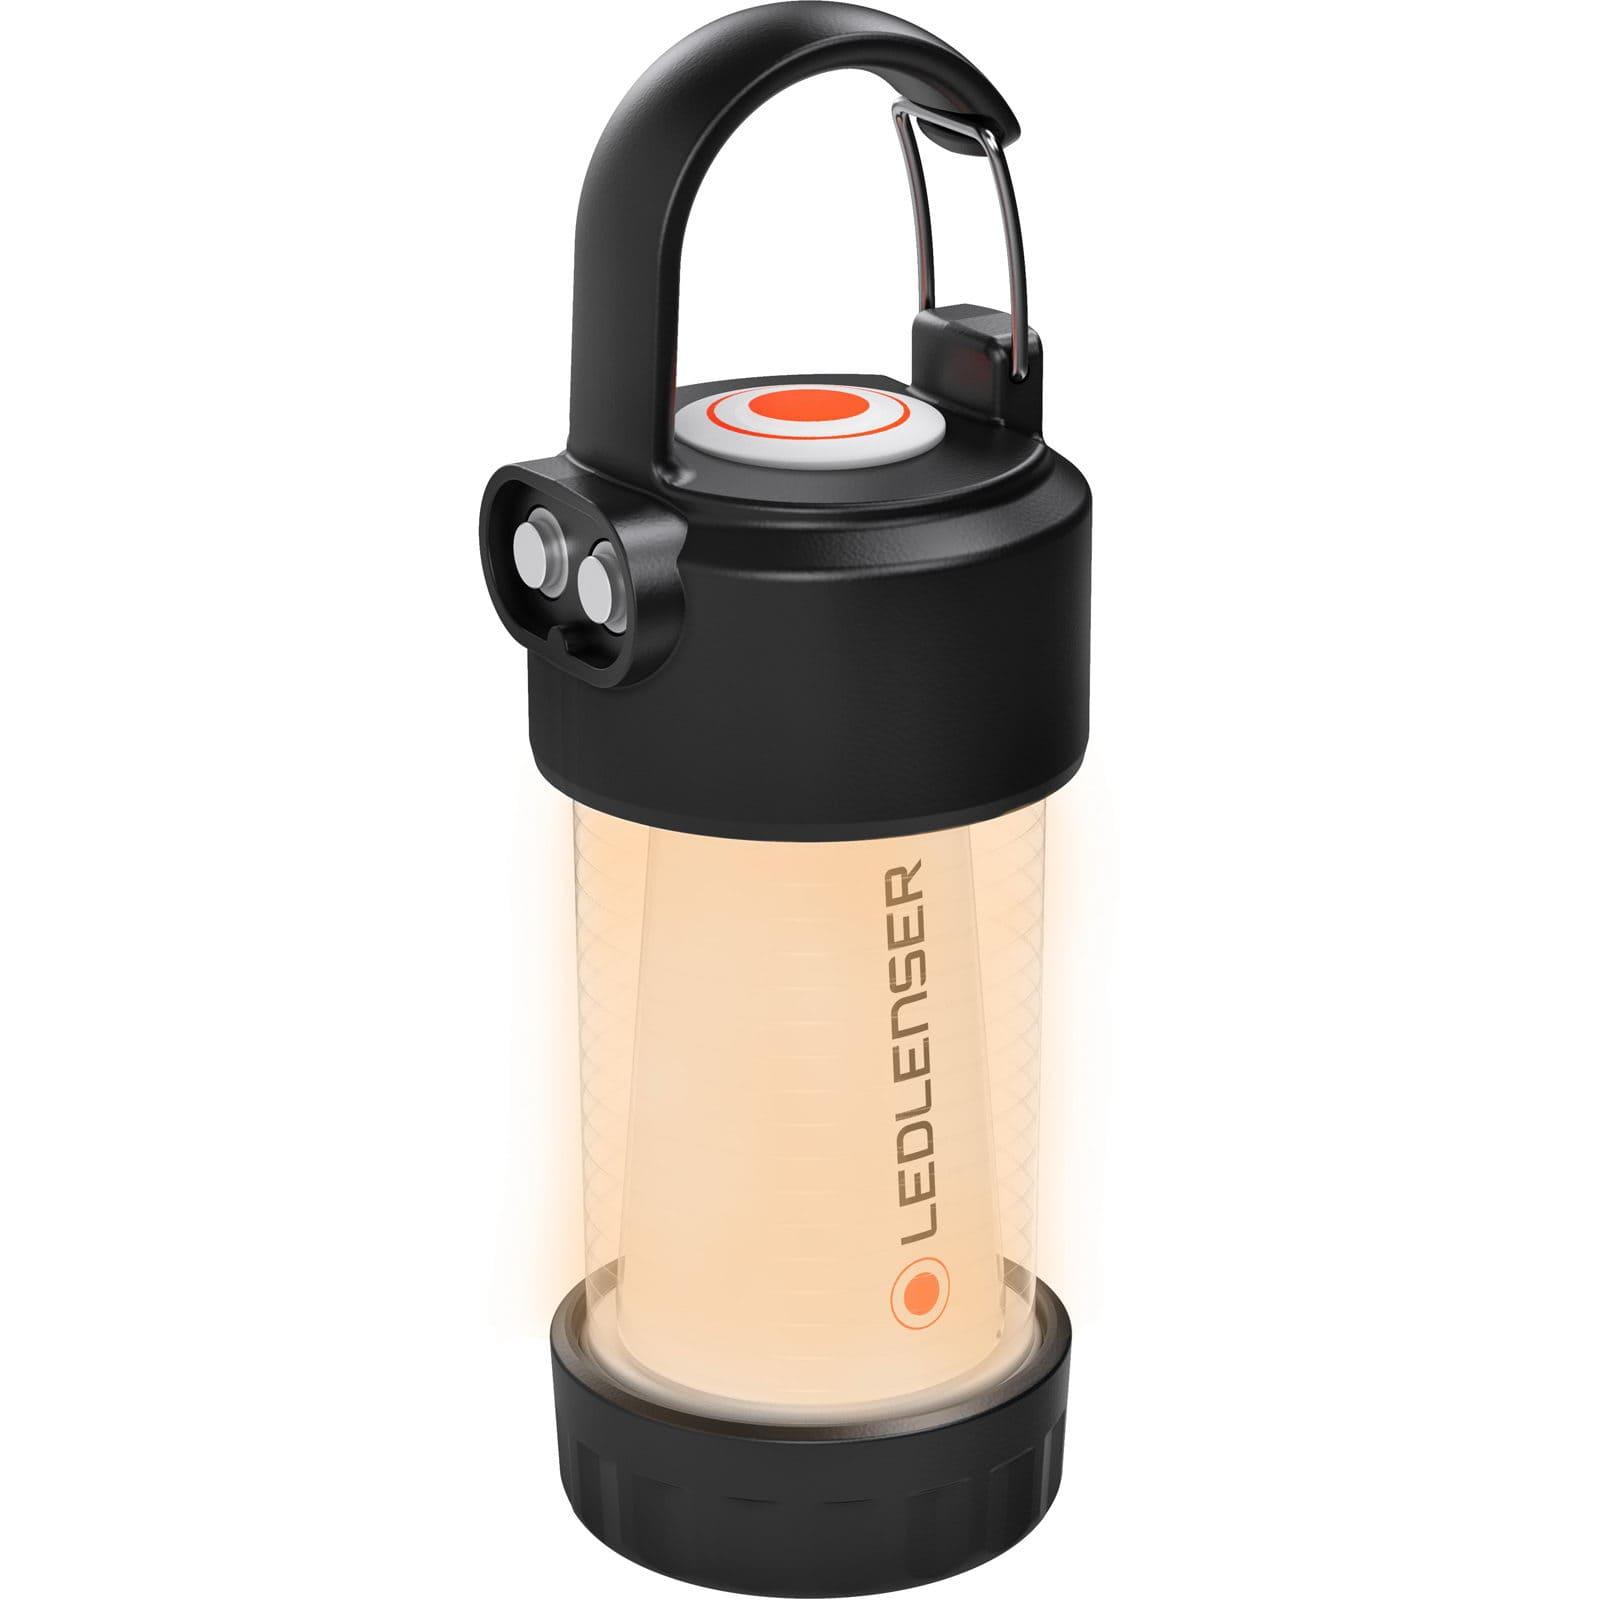 Led Lenser ML4 Warm Light Black 502231 300lm eine tolle Lampe Zeltlampe ansehen